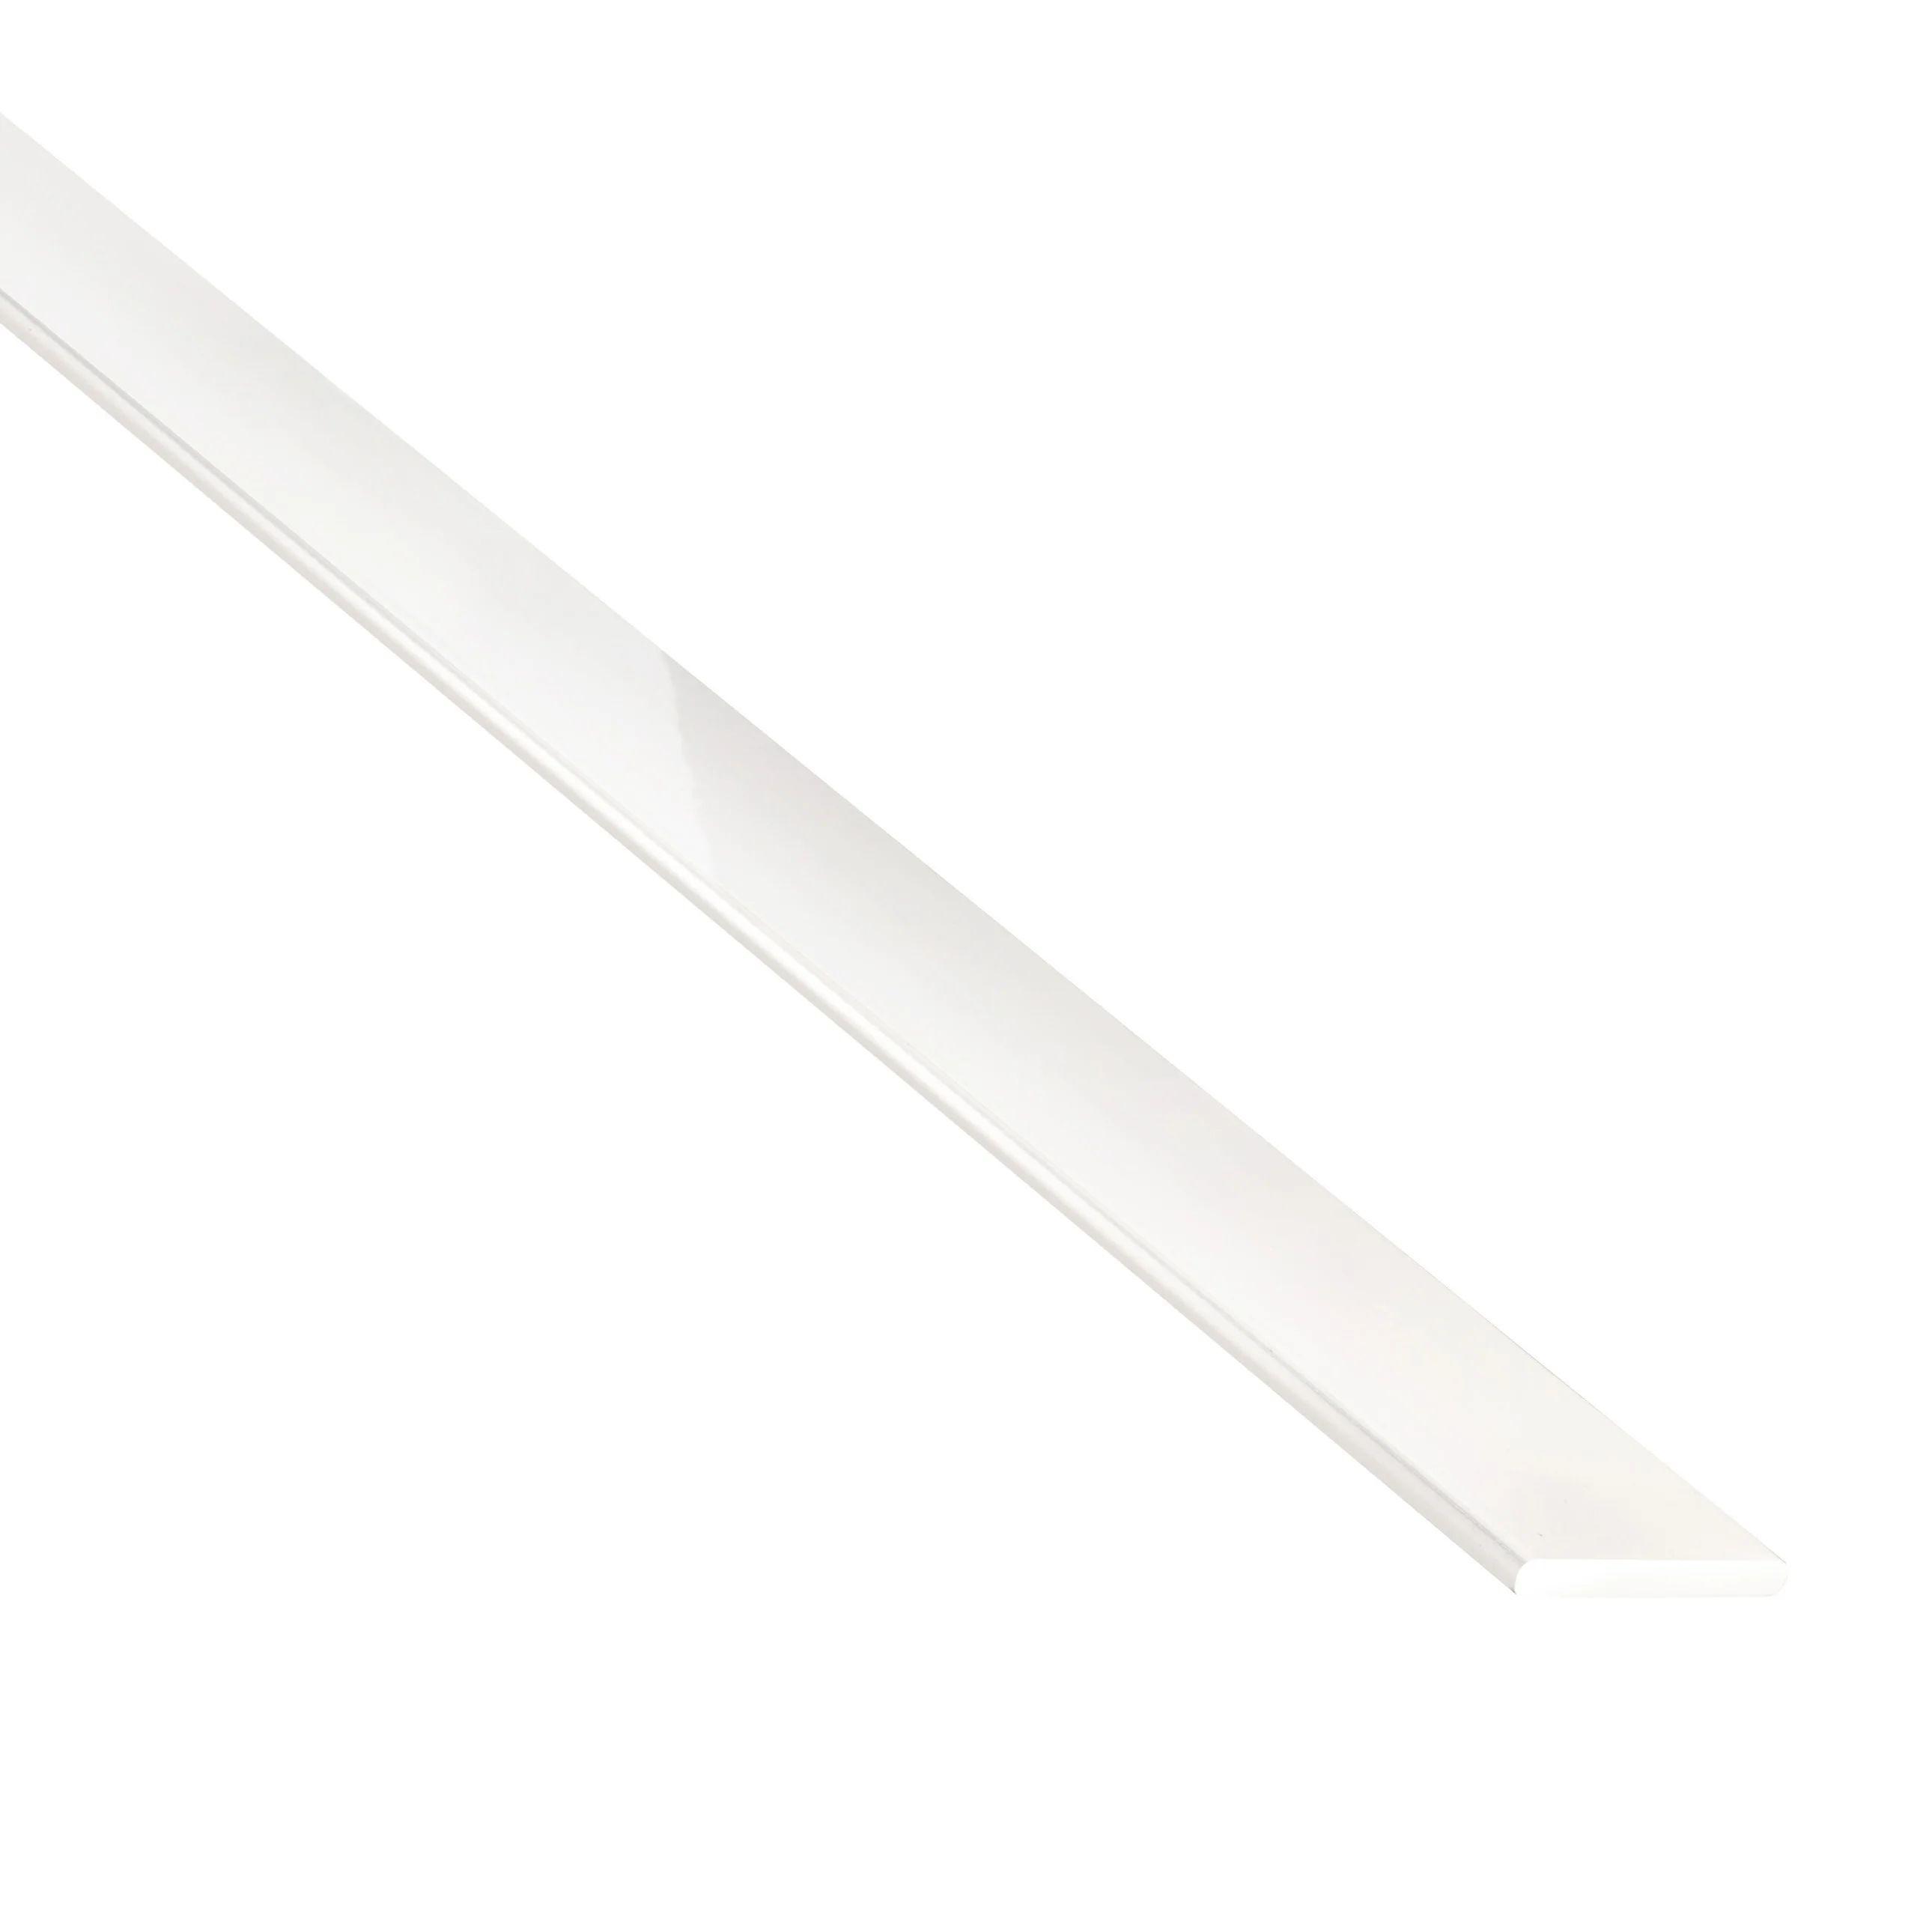 plat aluminium laquee blanc l 1 m x l 3 cm x h 0 2 cm